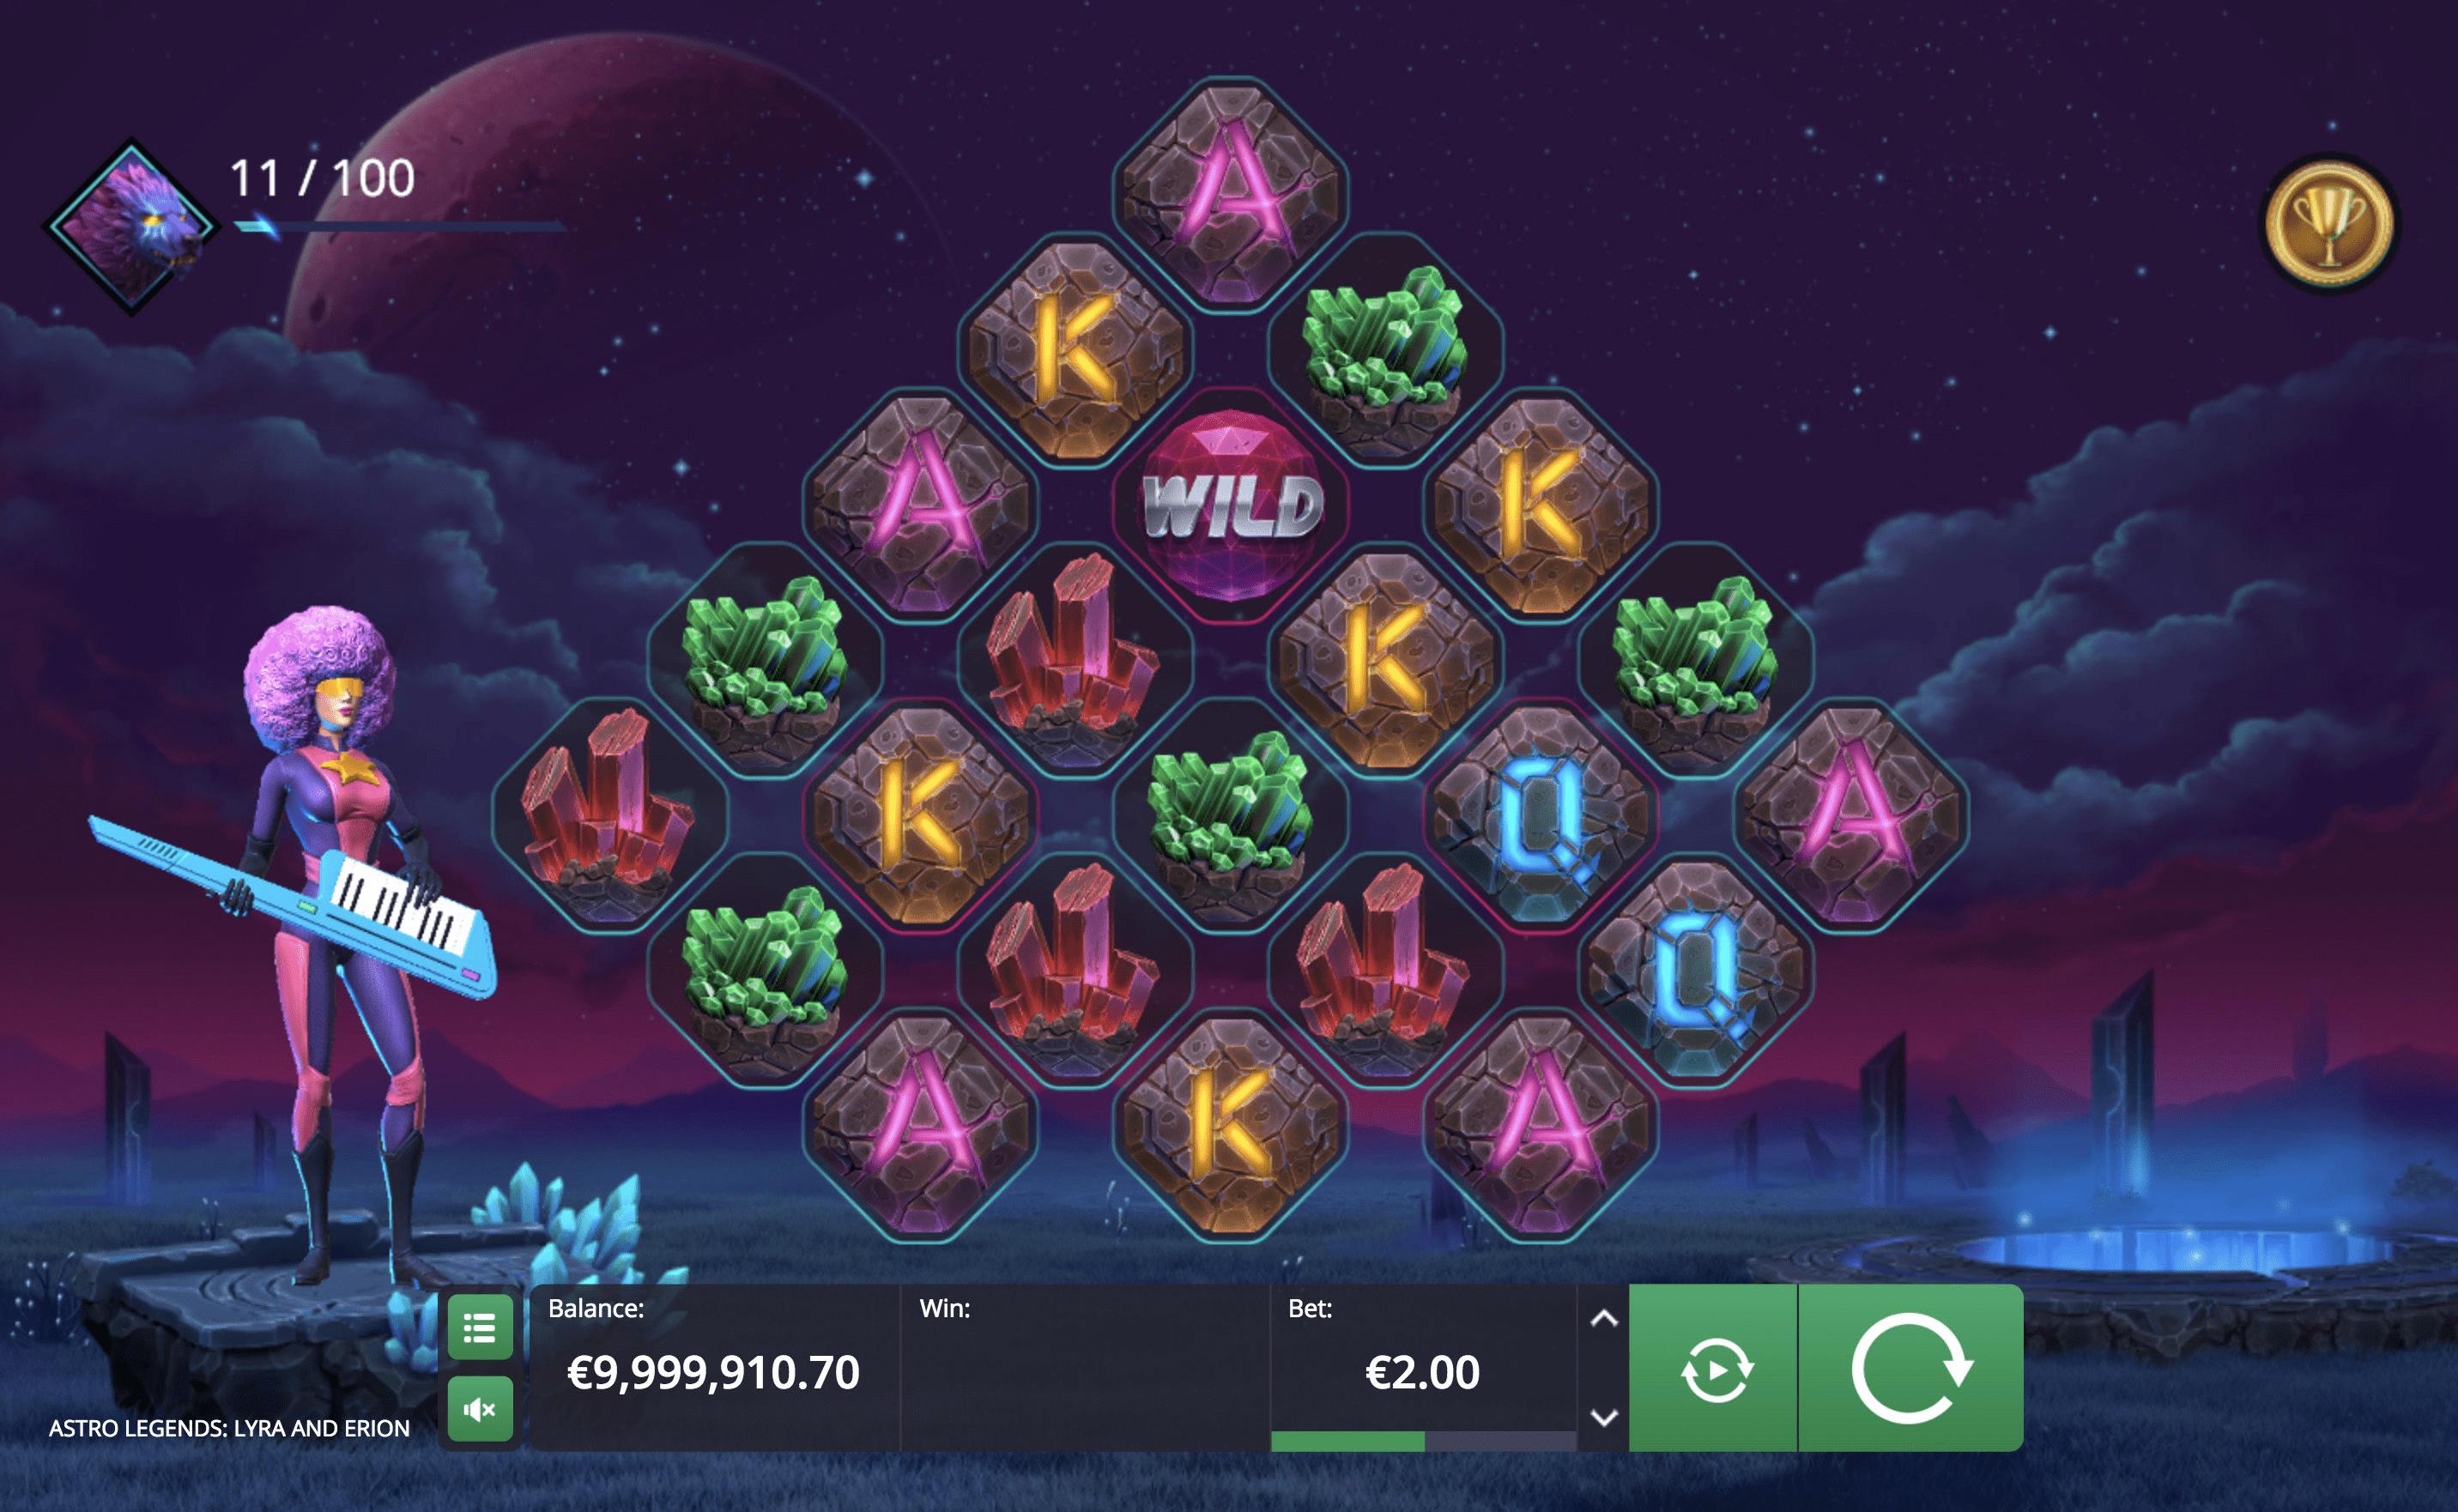 Astro Legends Gameplay